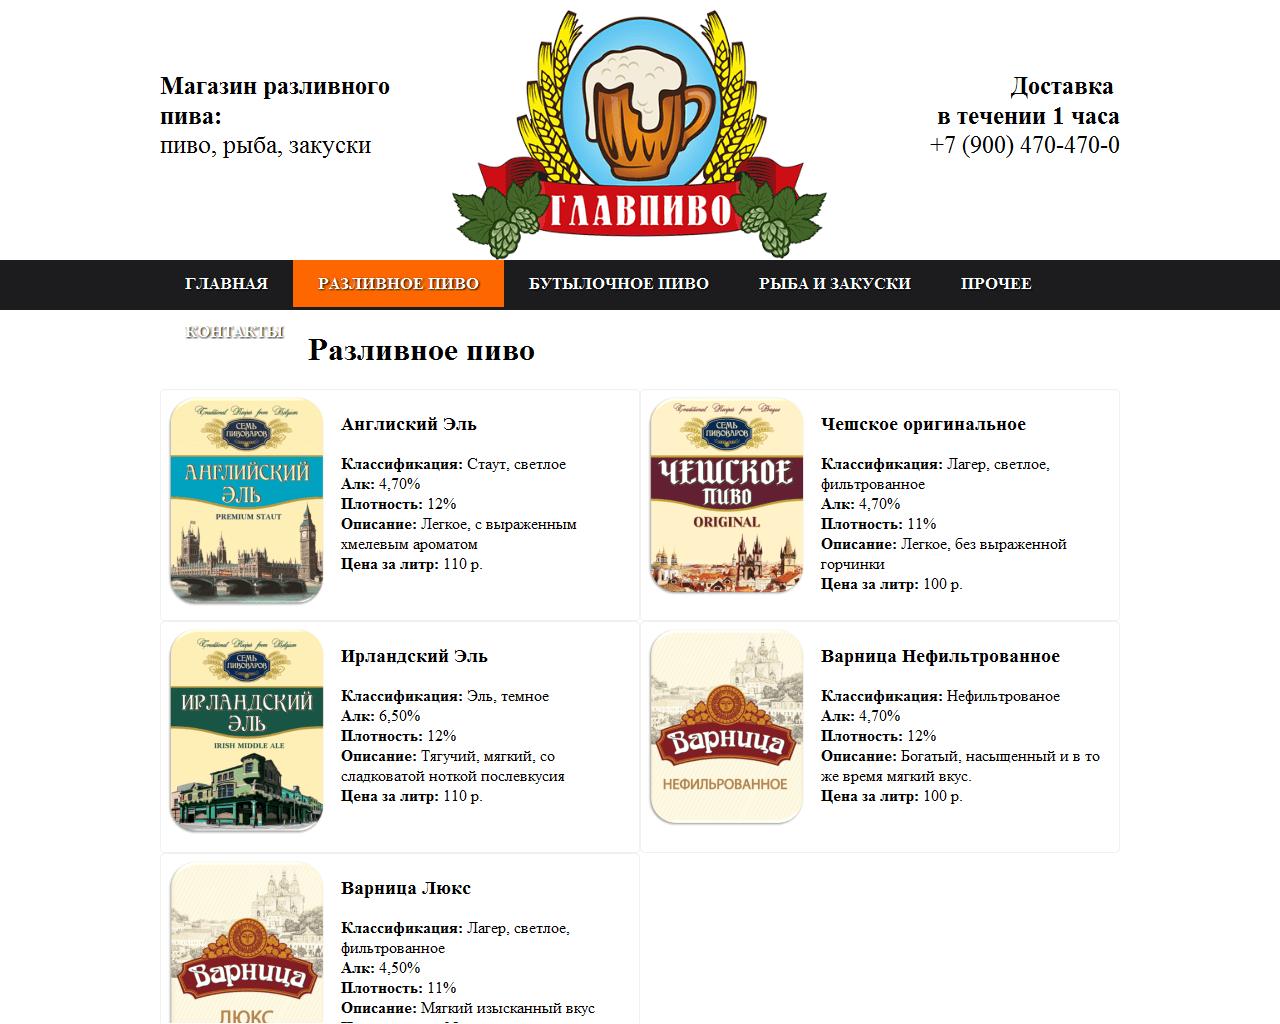 Магазин «Главпиво» Пенза